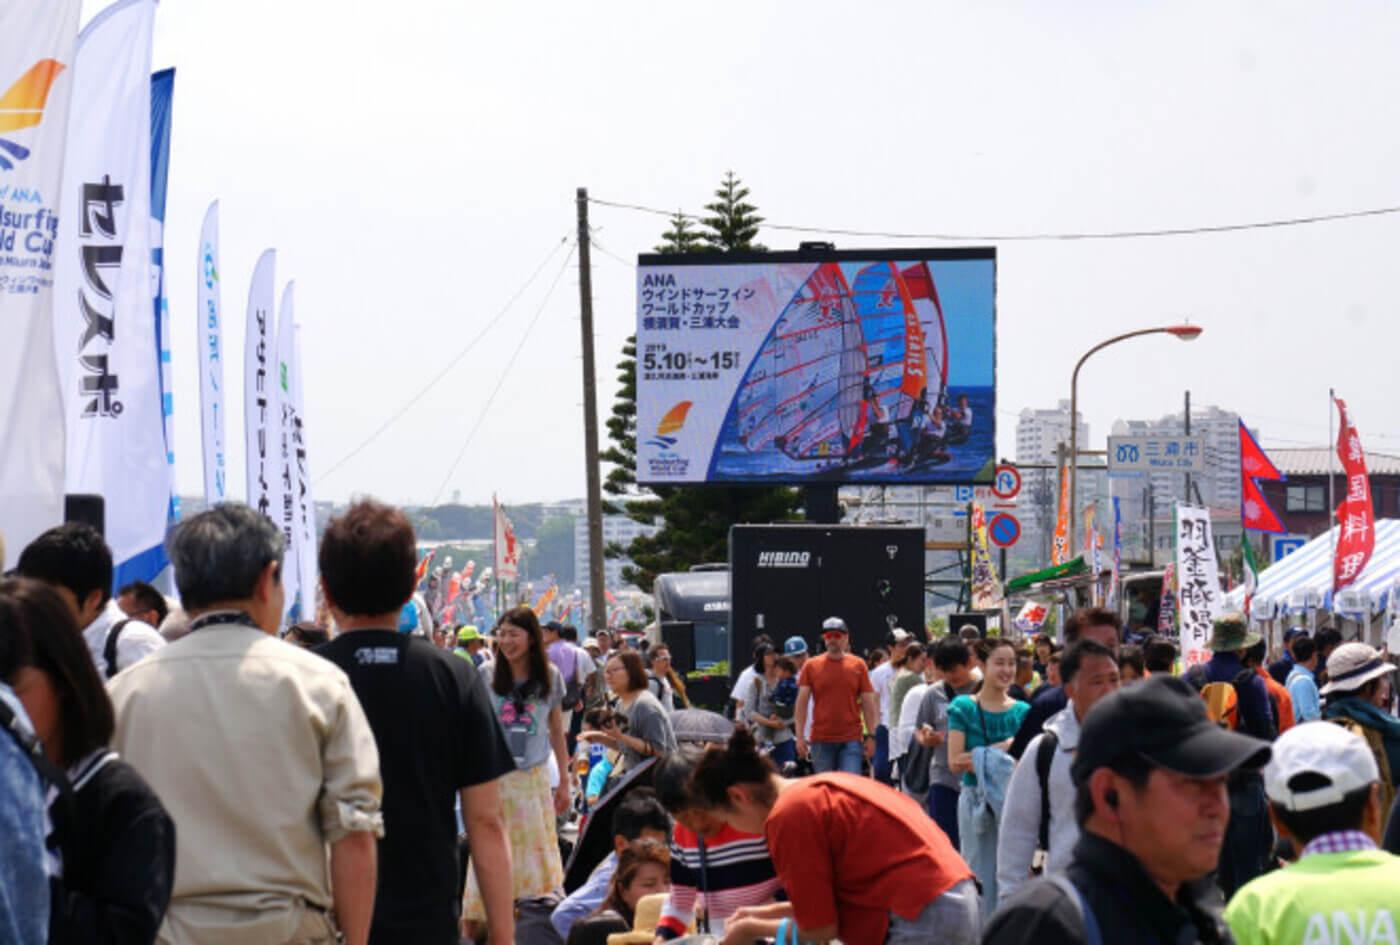 ANAウインドサーフィンワールドカップ横須賀・三浦大会 | 神奈川(津久井浜海岸・三浦海岸)